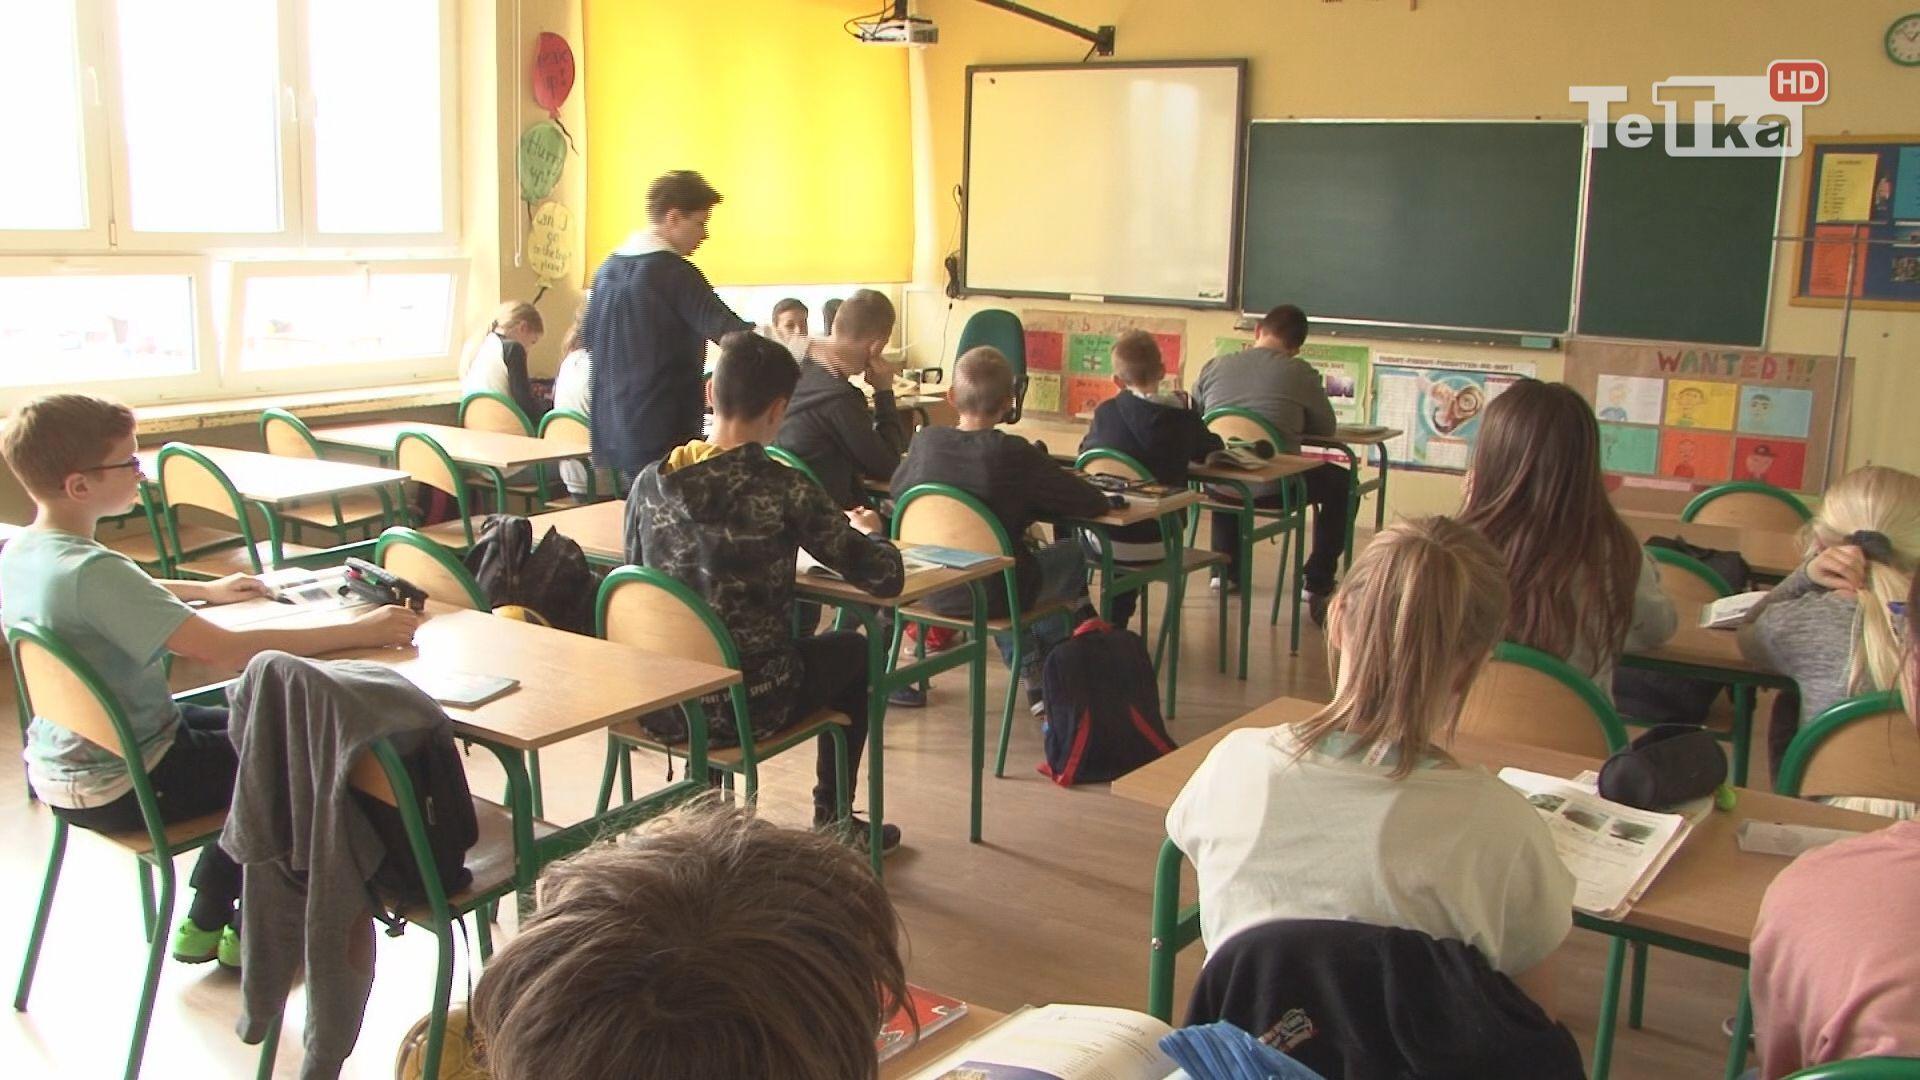 W szkole podstawowej nr 11 mają nastąpić zapowiadane przez dyrektora zmiany